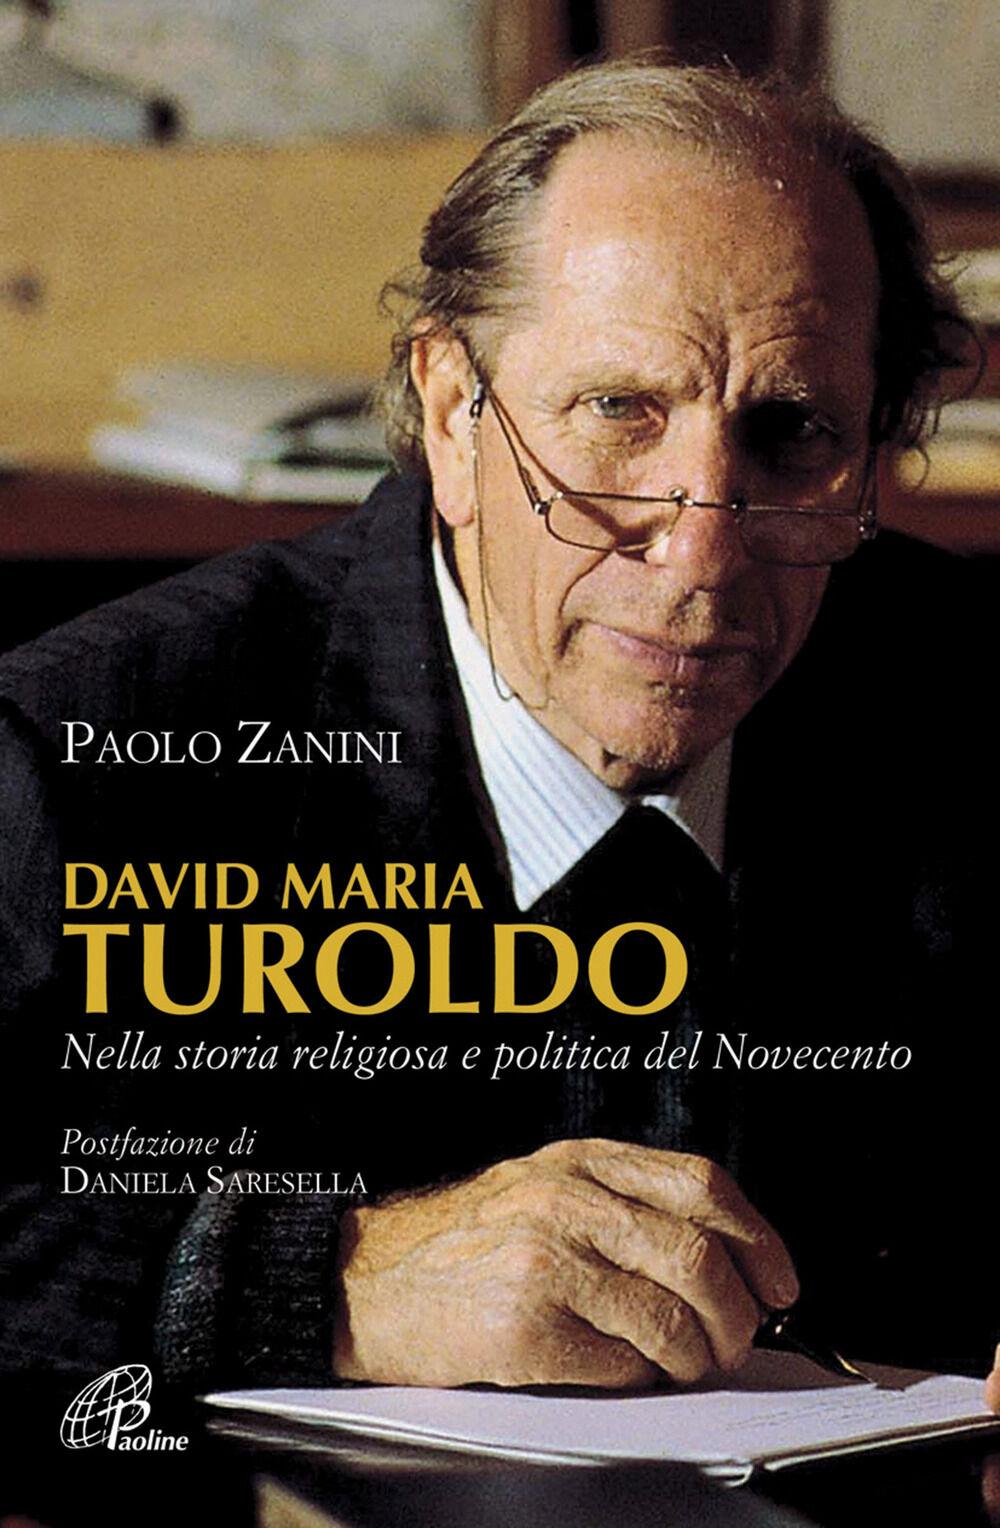 David Maria Turoldo. Nella storia religiosa e politica del Novecento